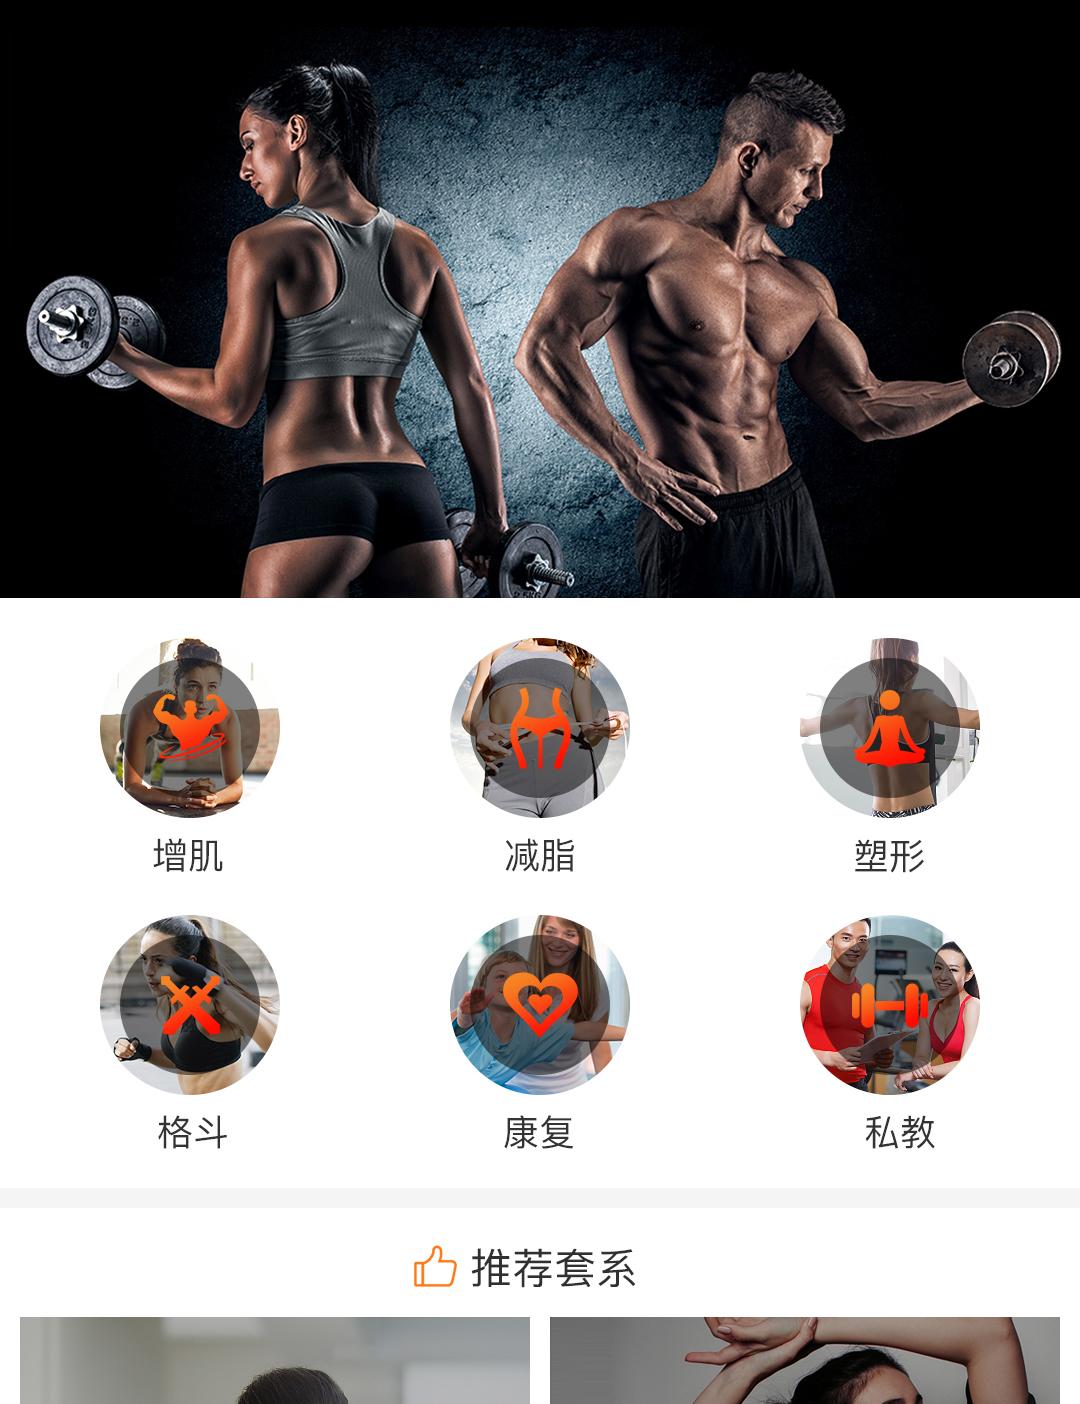 健身用品微商城|健身微商城|最新中国健身|微健身